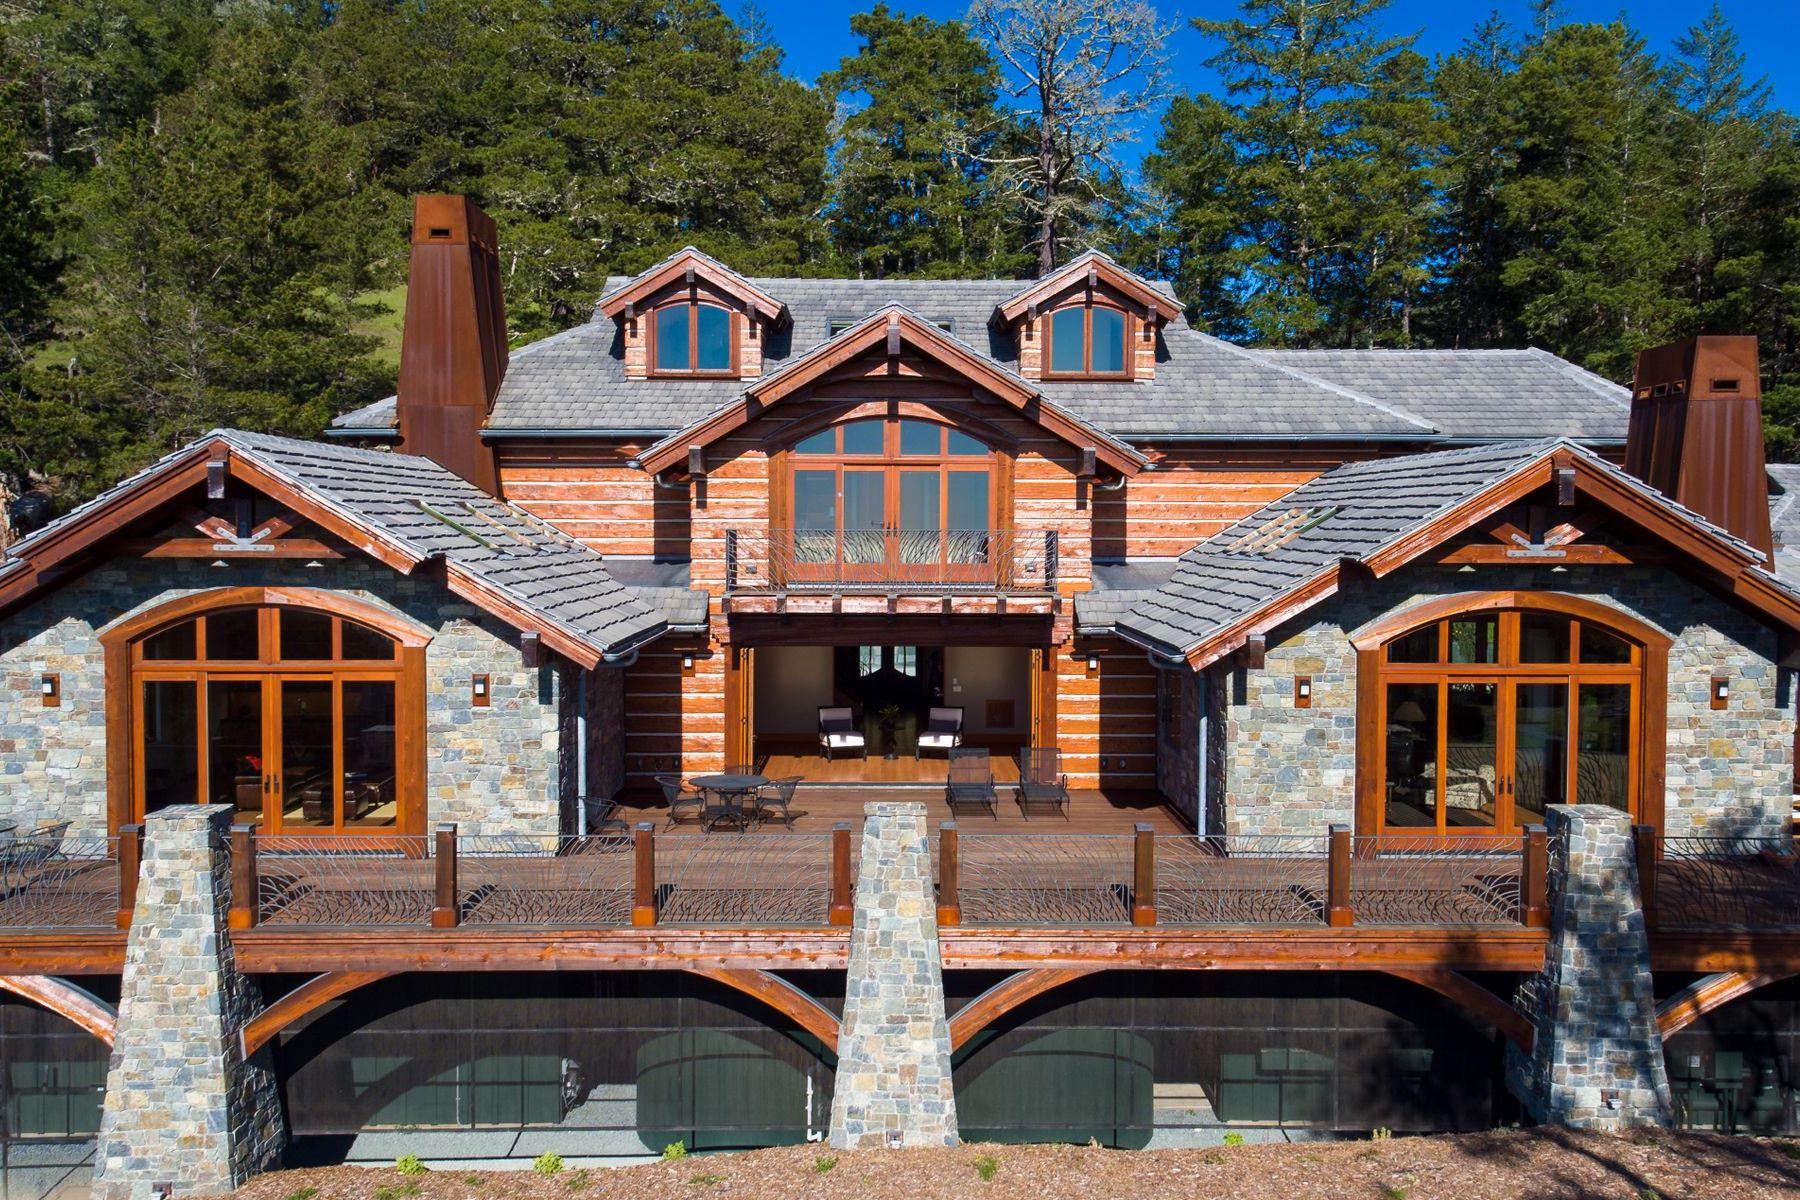 农场 / 牧场 / 种植园 为 销售 在 SF Bay Area Coastal Compound 2088 Green Oaks Way Pescadero, 加利福尼亚州 94060 美国